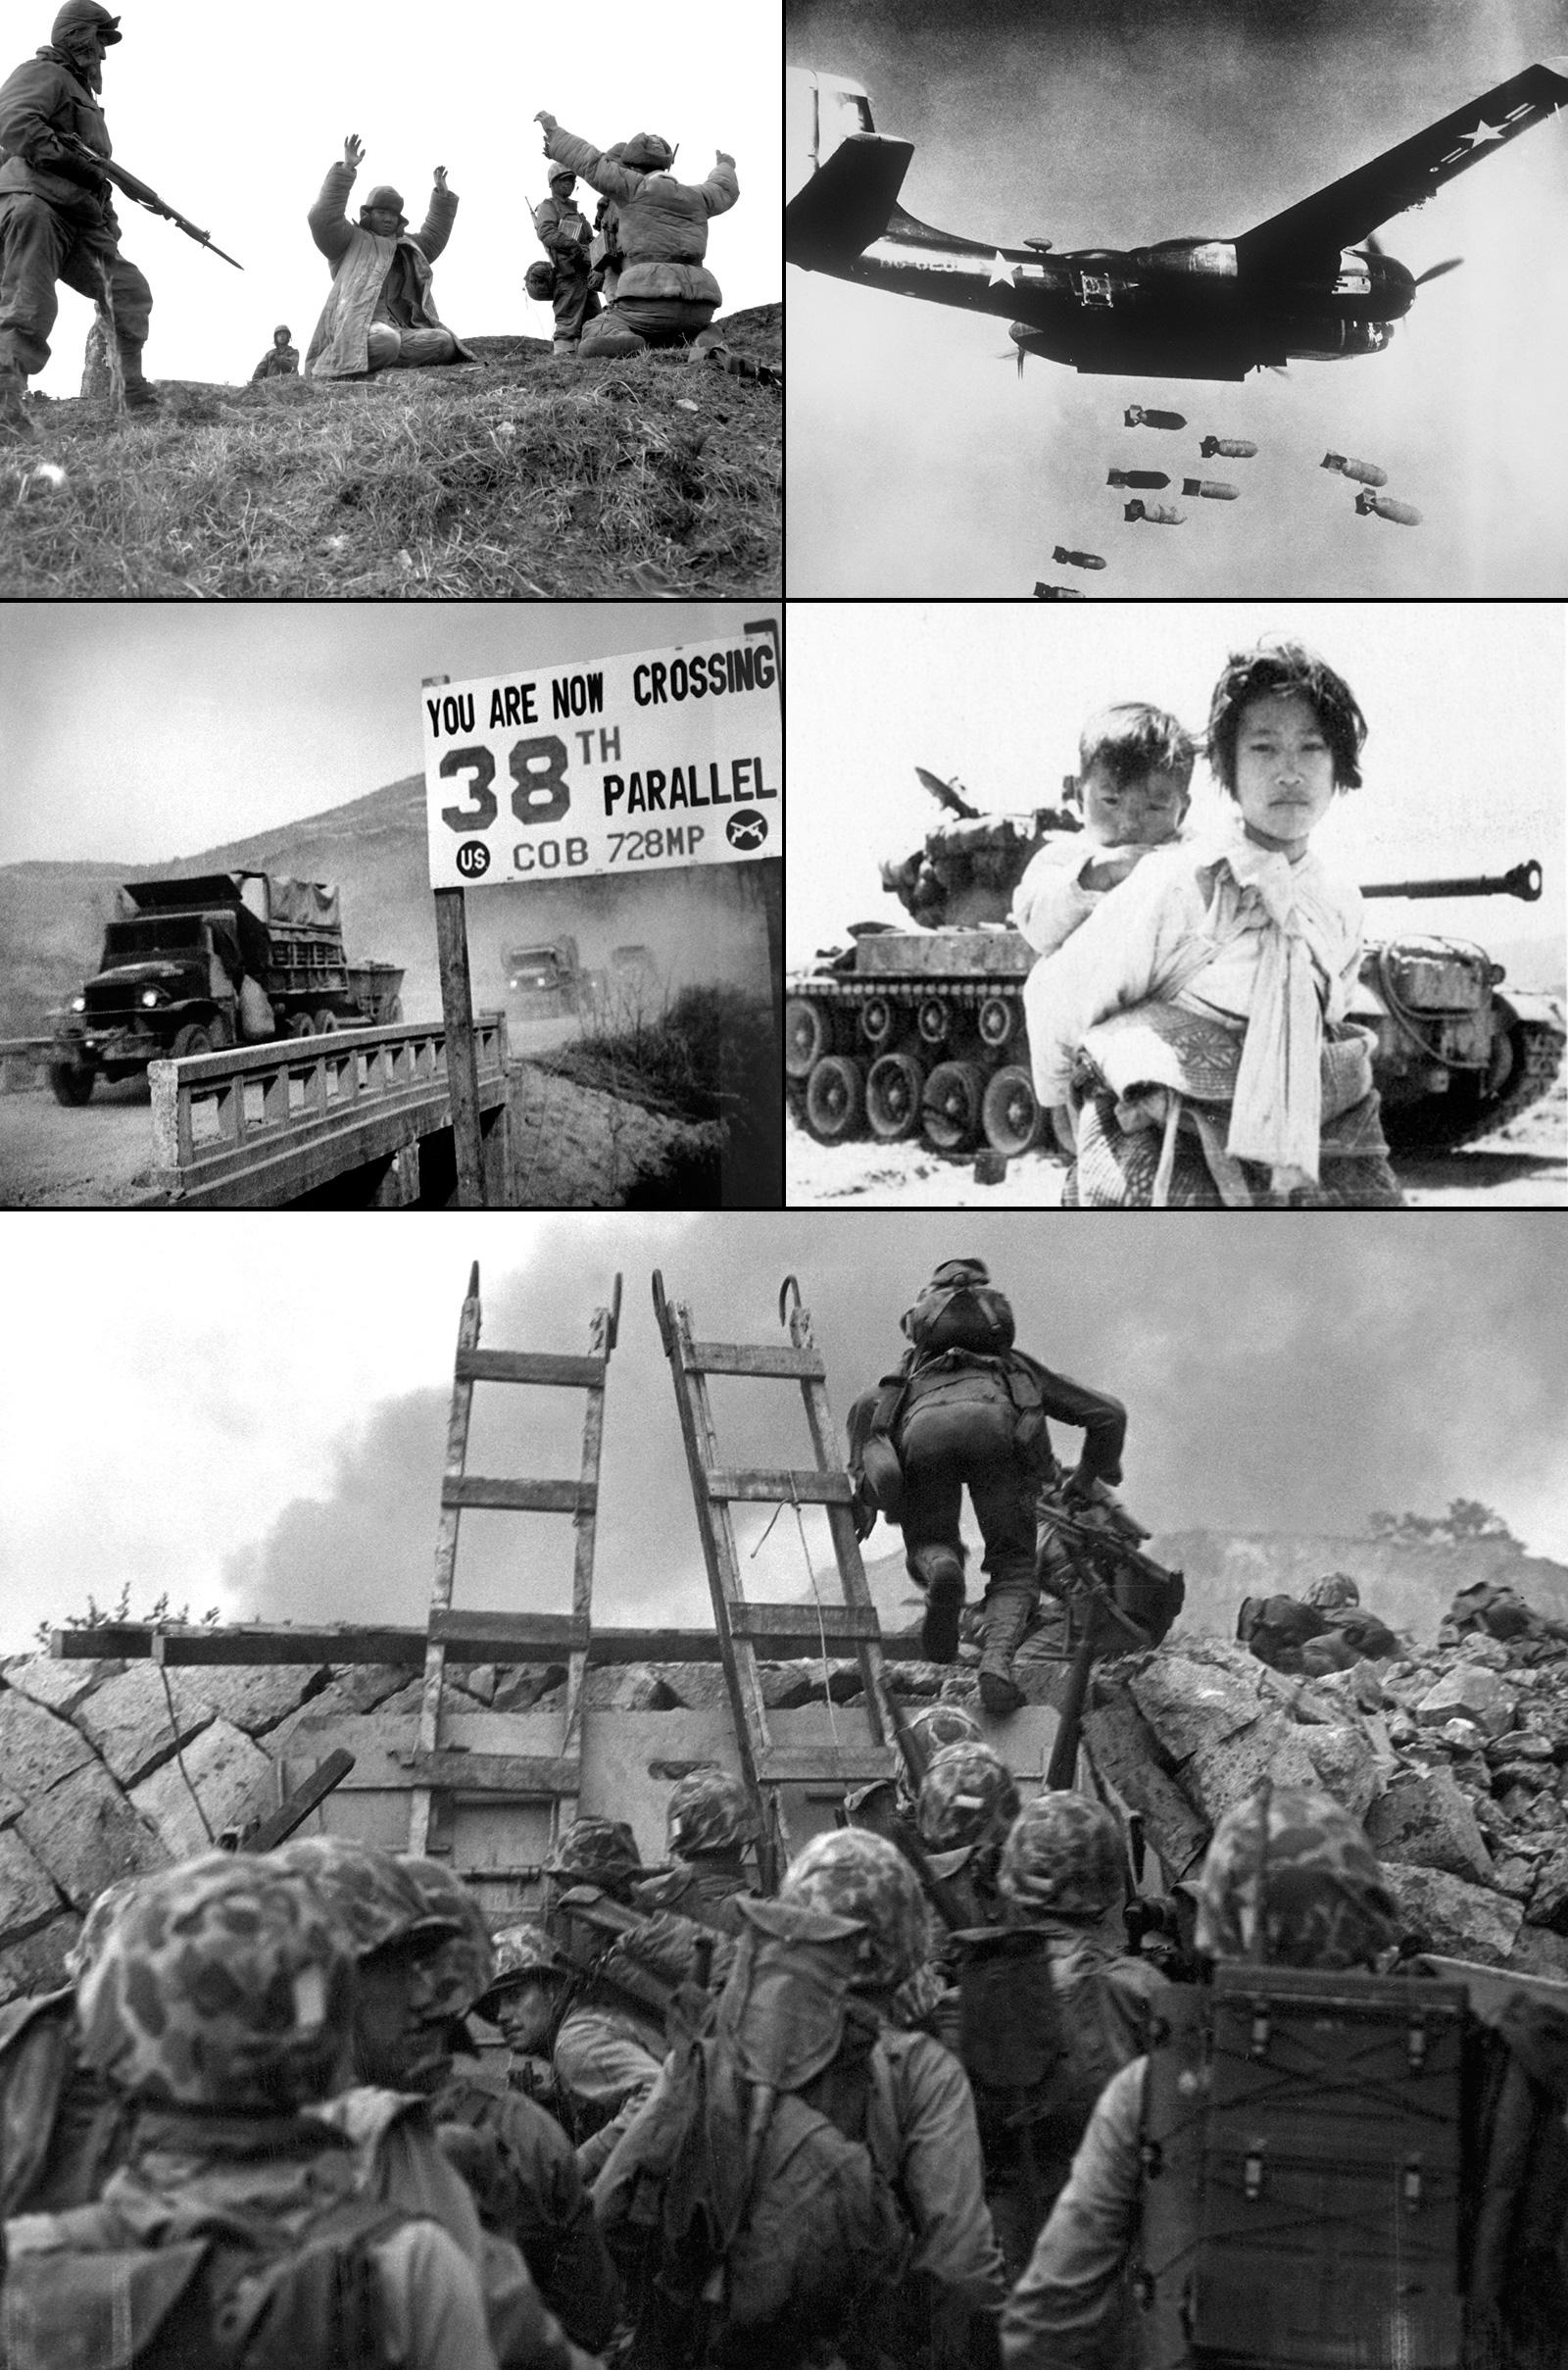 Depiction of Guerra de Corea